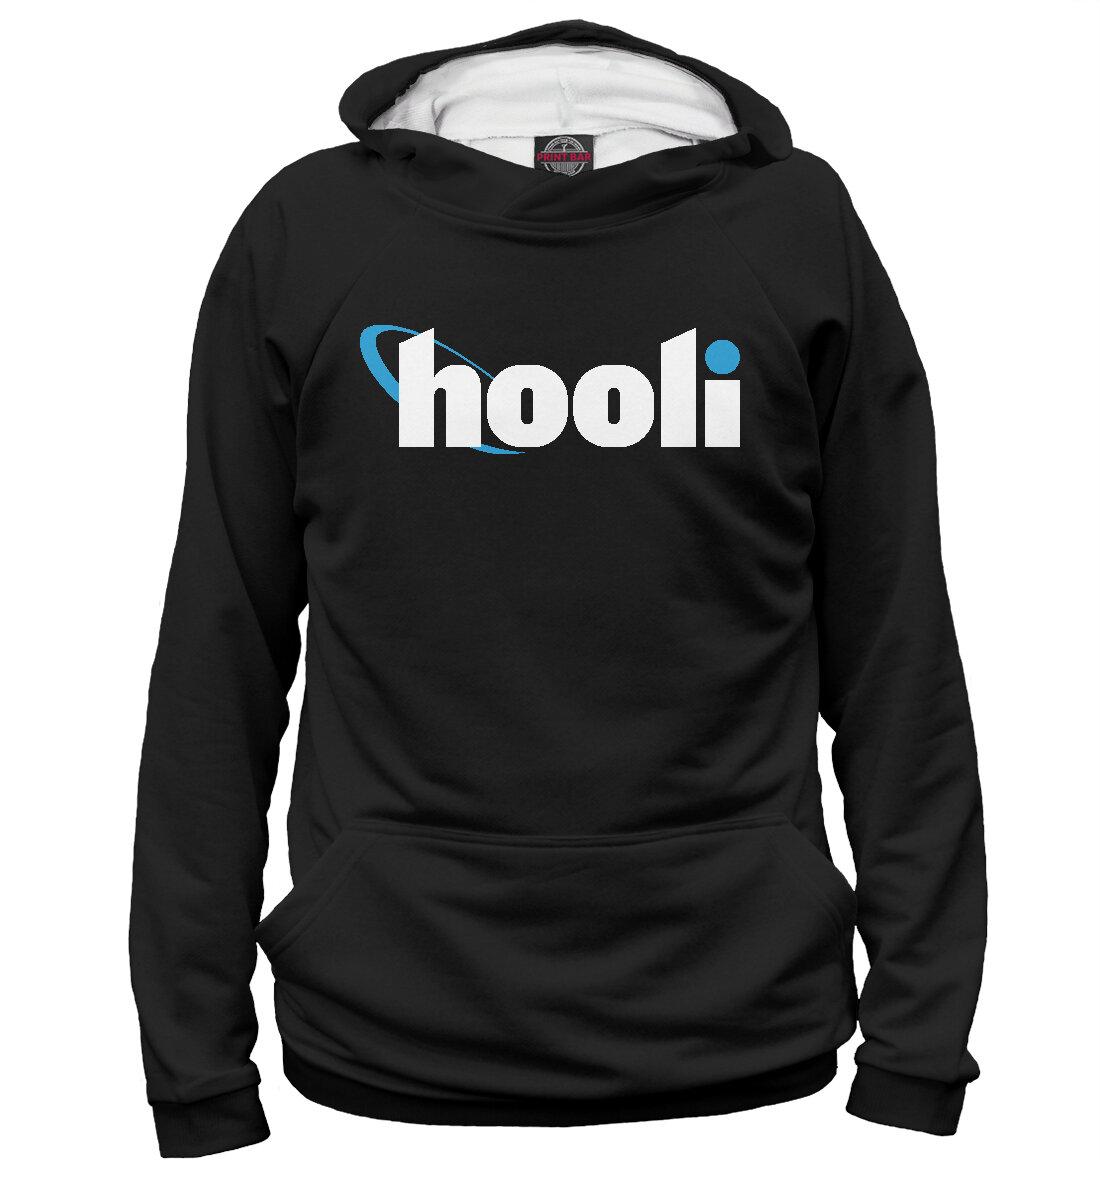 Худи Hooli